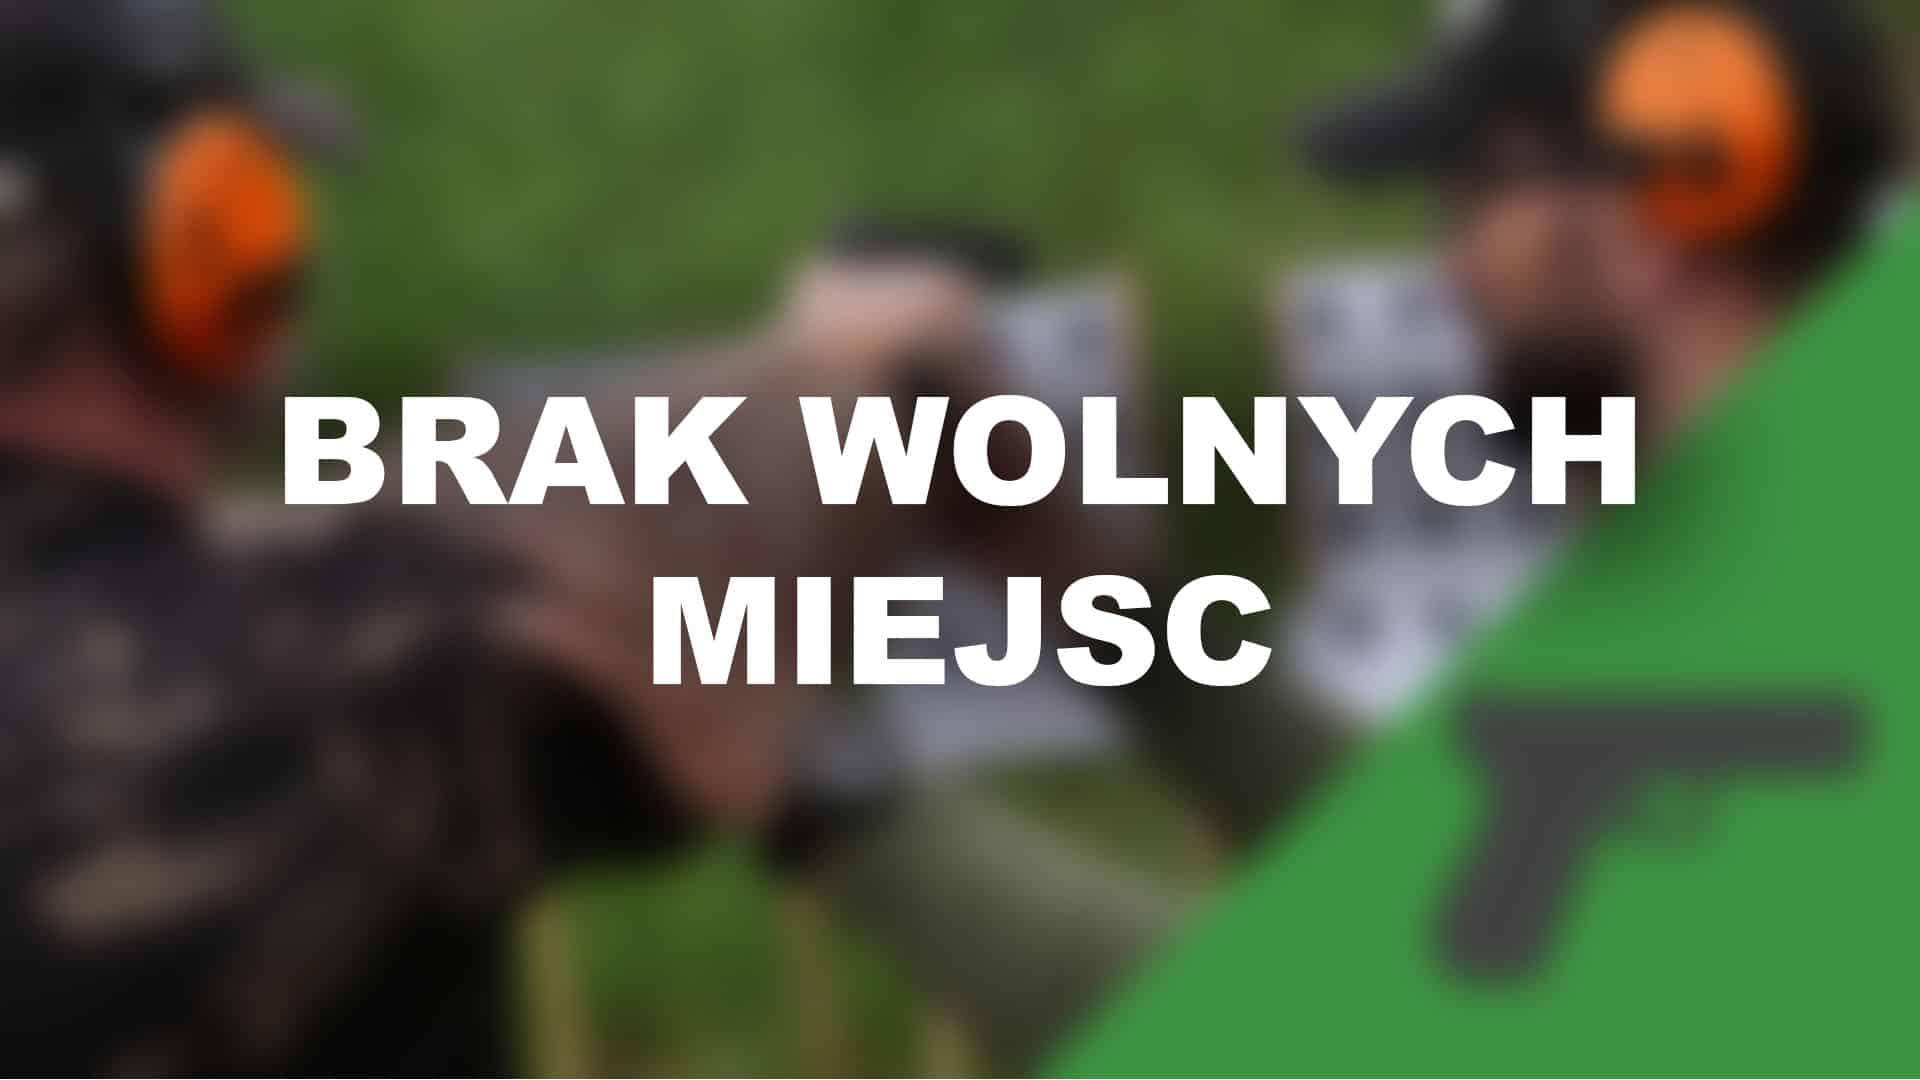 Zdjęcie ze szkolenia pistolet podstawowy CMMS (Combat Marksmanship Course). Jest to szkolenie strzeleckie przeznaczone dla osób na każdym poziomie zaawansowania, wprowadzające w system CMMS.